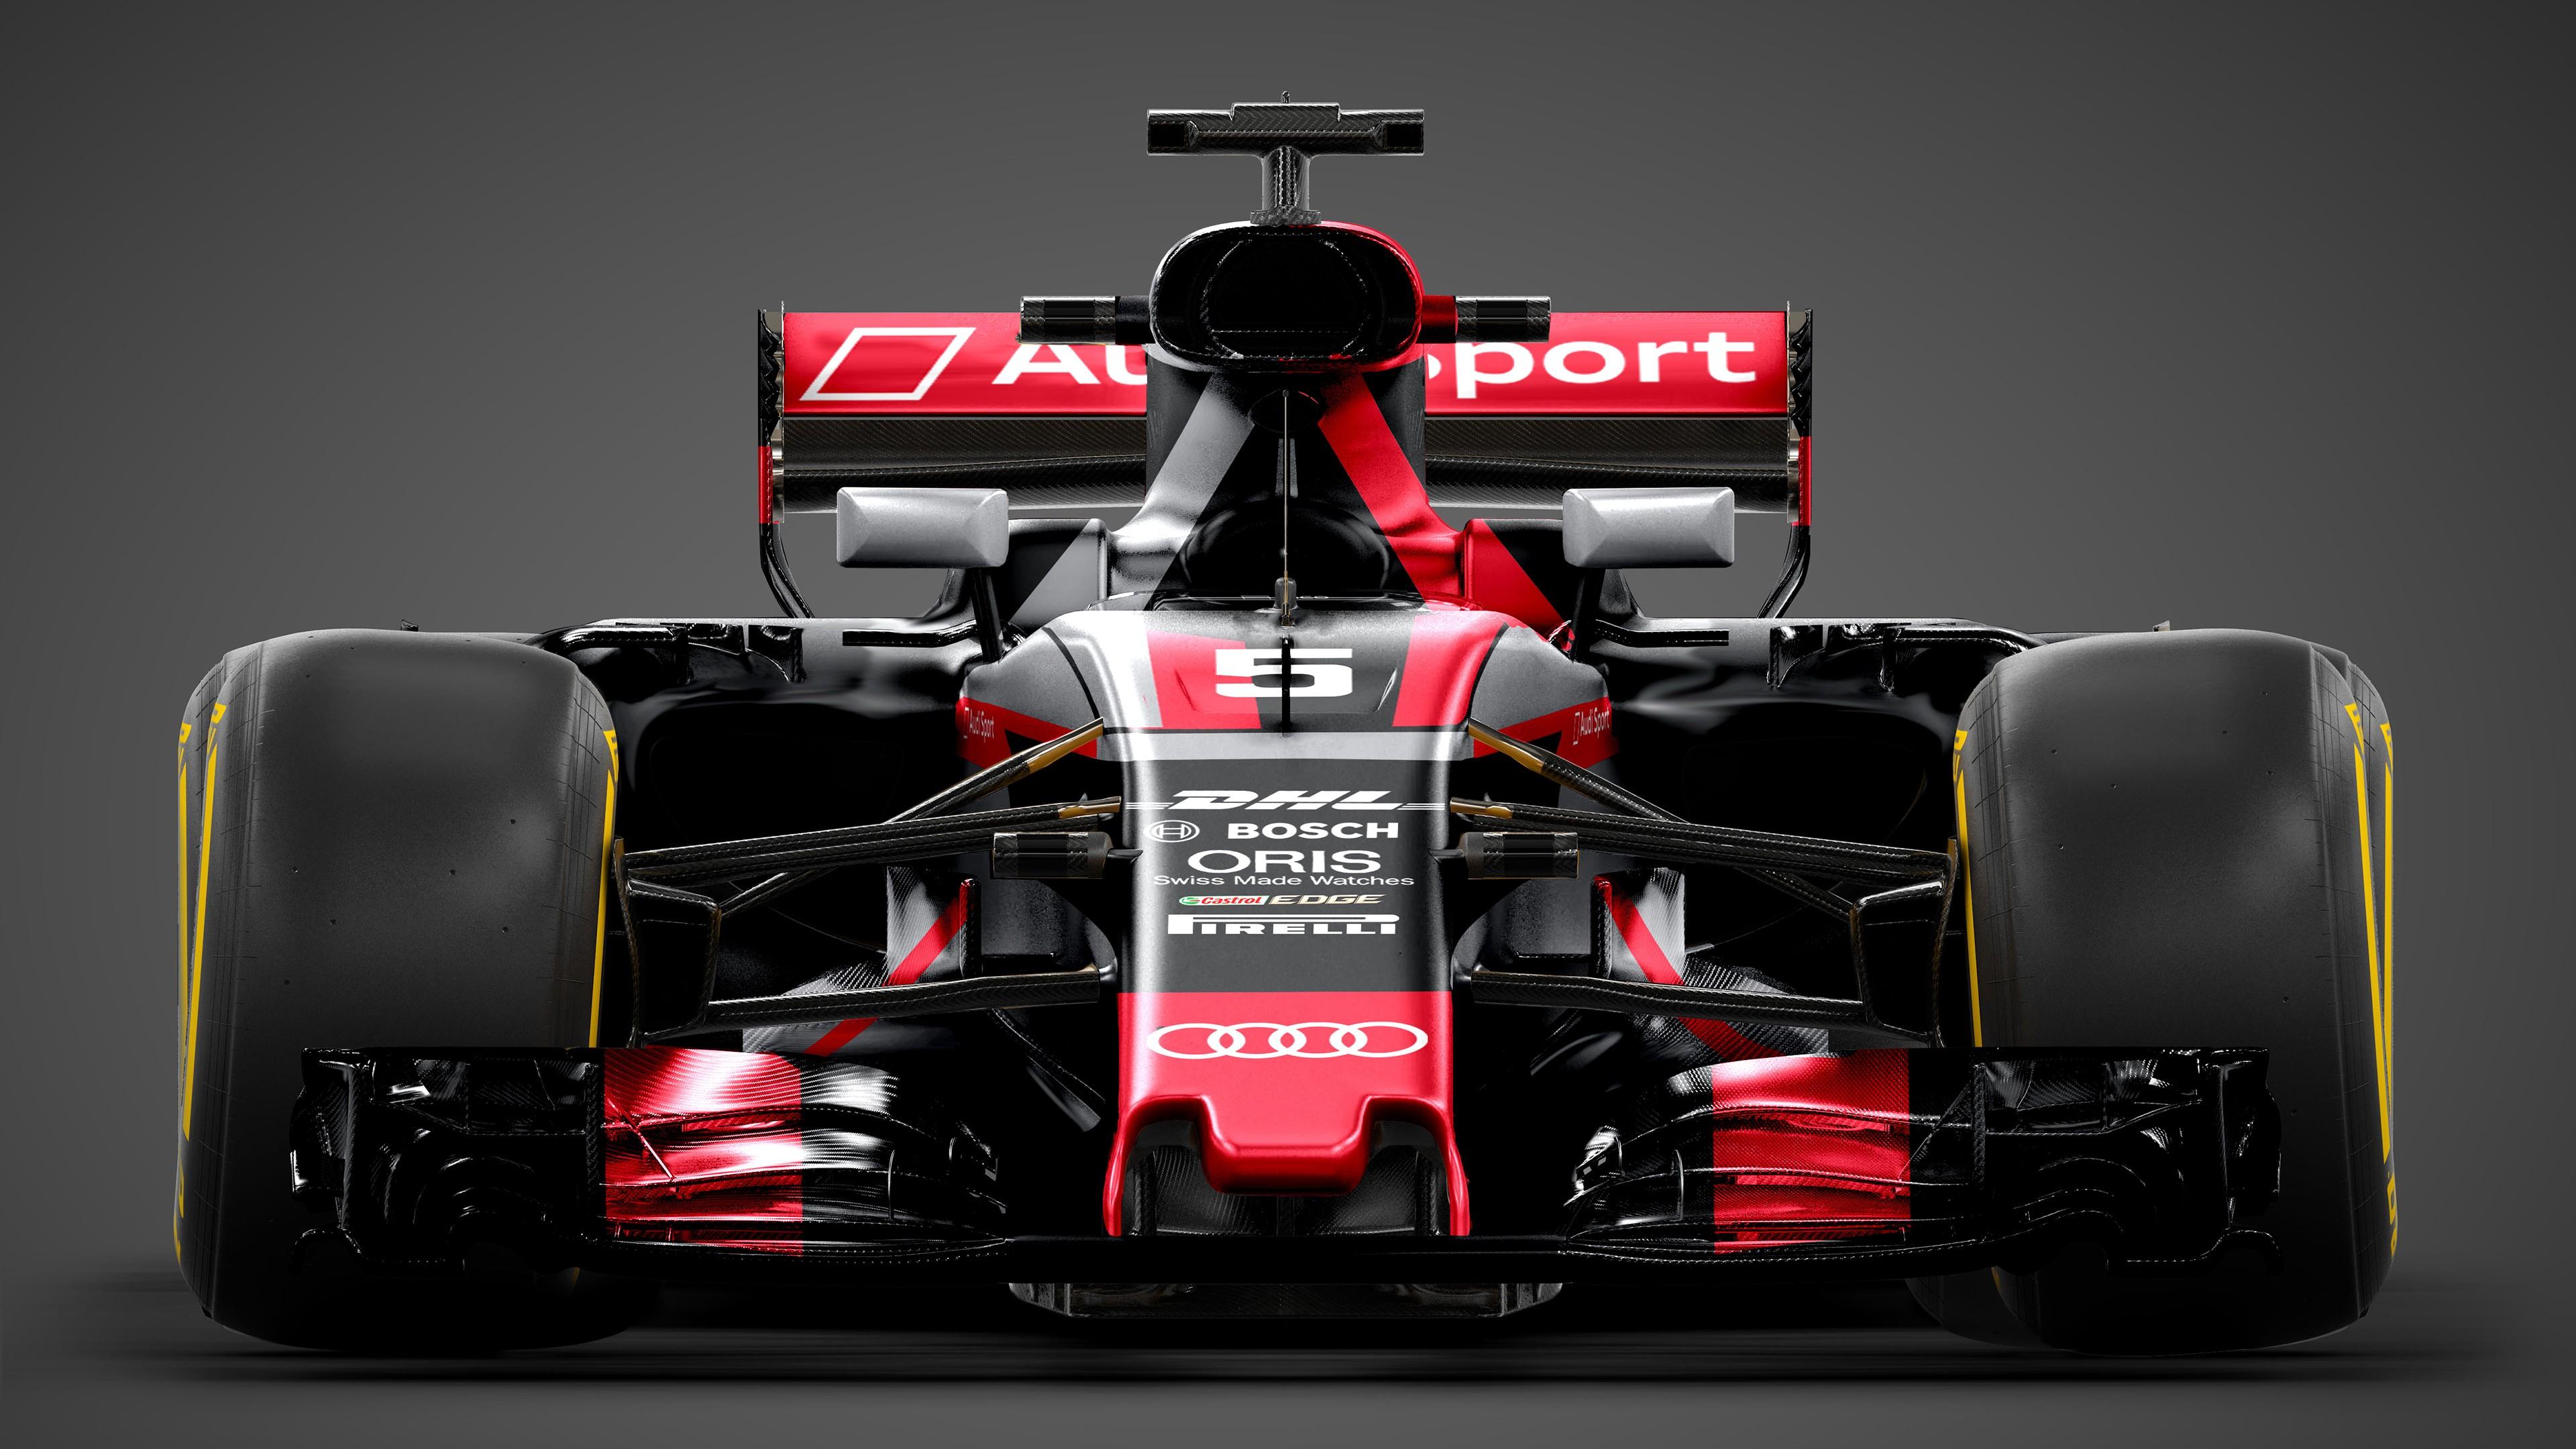 Audi Sport F1 4k Wallpaper Hd Car Wallpapers Id 8041